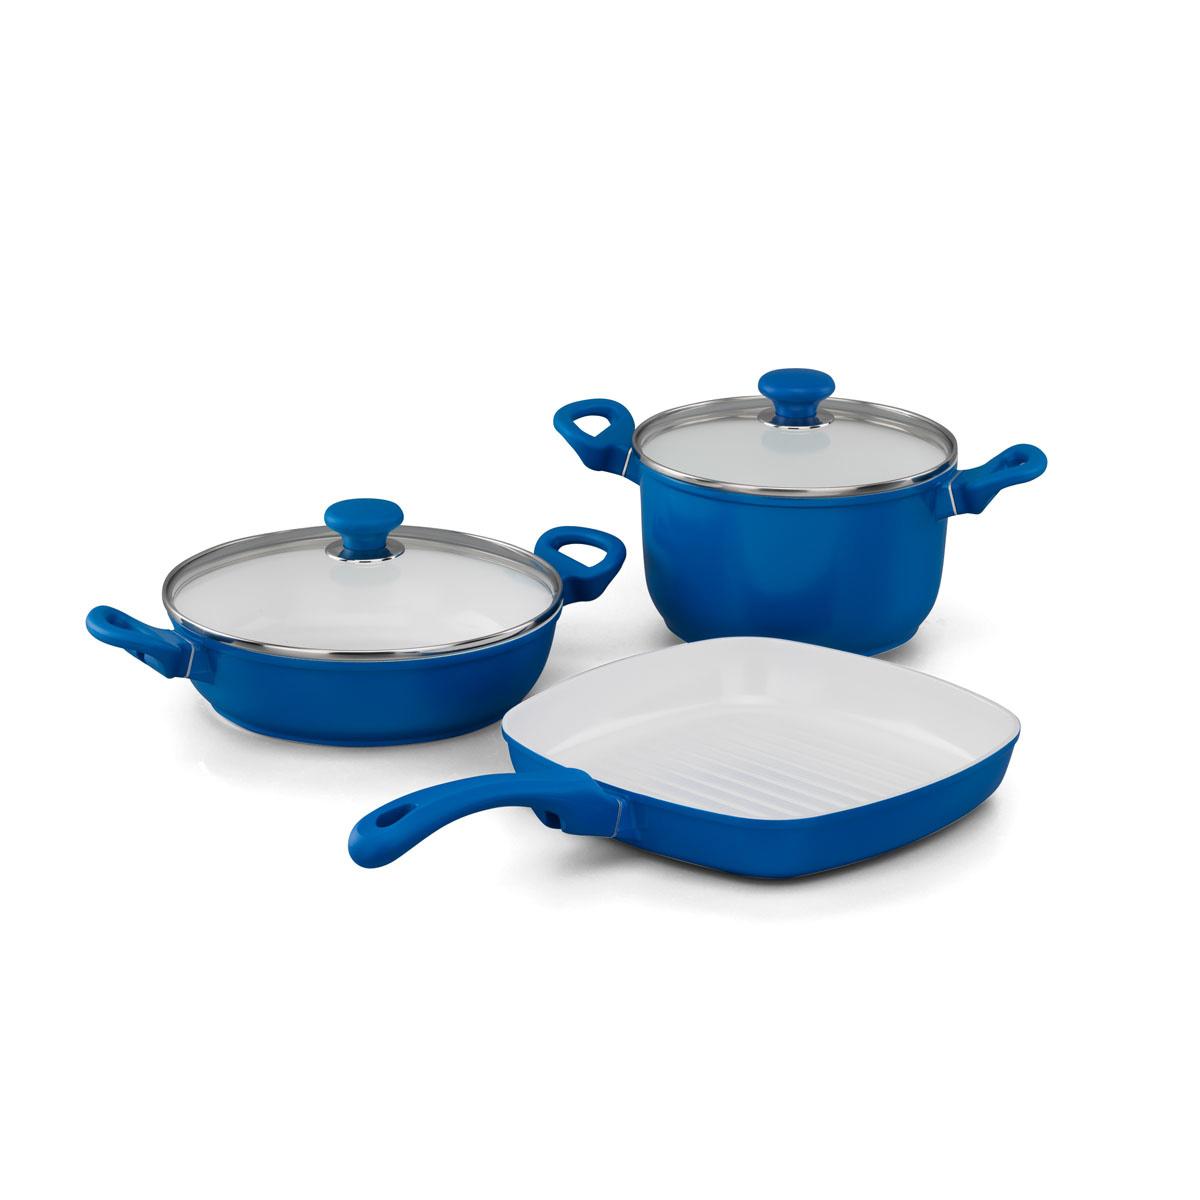 Набор посуды Korkmaz Seravita с керамическим покрытием, цвет: голубой, 3 предметаA1516-2Набор посуды Korkmaz Seravita состоит из кастрюли с крышкой, сотейника с крышкой и сковороды-гриля. Внешнее покрытие голубого цвета, внутреннее покрытие - белого цвета. Керамическое внутреннее и наружное покрытие нагревается до +450°С, чрезвычайно устойчиво к механическому воздействию, не выделяет токсичных паров при готовке, не содержит тяжелых металлов (таких как свинец и кадмий), легко моется. При готовке на керамическом покрытии пища не пристает и не пригорает, а масла требуется вдвое меньше по сравнению с другими покрытиями, что позволяет приготовить здоровую, вкусную и полезную пищу без лишних жиров и оксидантов. Кроме того, покрытие абсолютно экологично, так как не содержит тефлоновые составляющие PTFE и PFOA. Основа из высокопрочного алюминия позволяет изделиям быстро нагреваться до высокой температуры и равномерно распределять тепло по всей поверхности. Высокая теплопроводность позволяет быстро готовить даже на медленном огне, а значит, витамины и полезные...